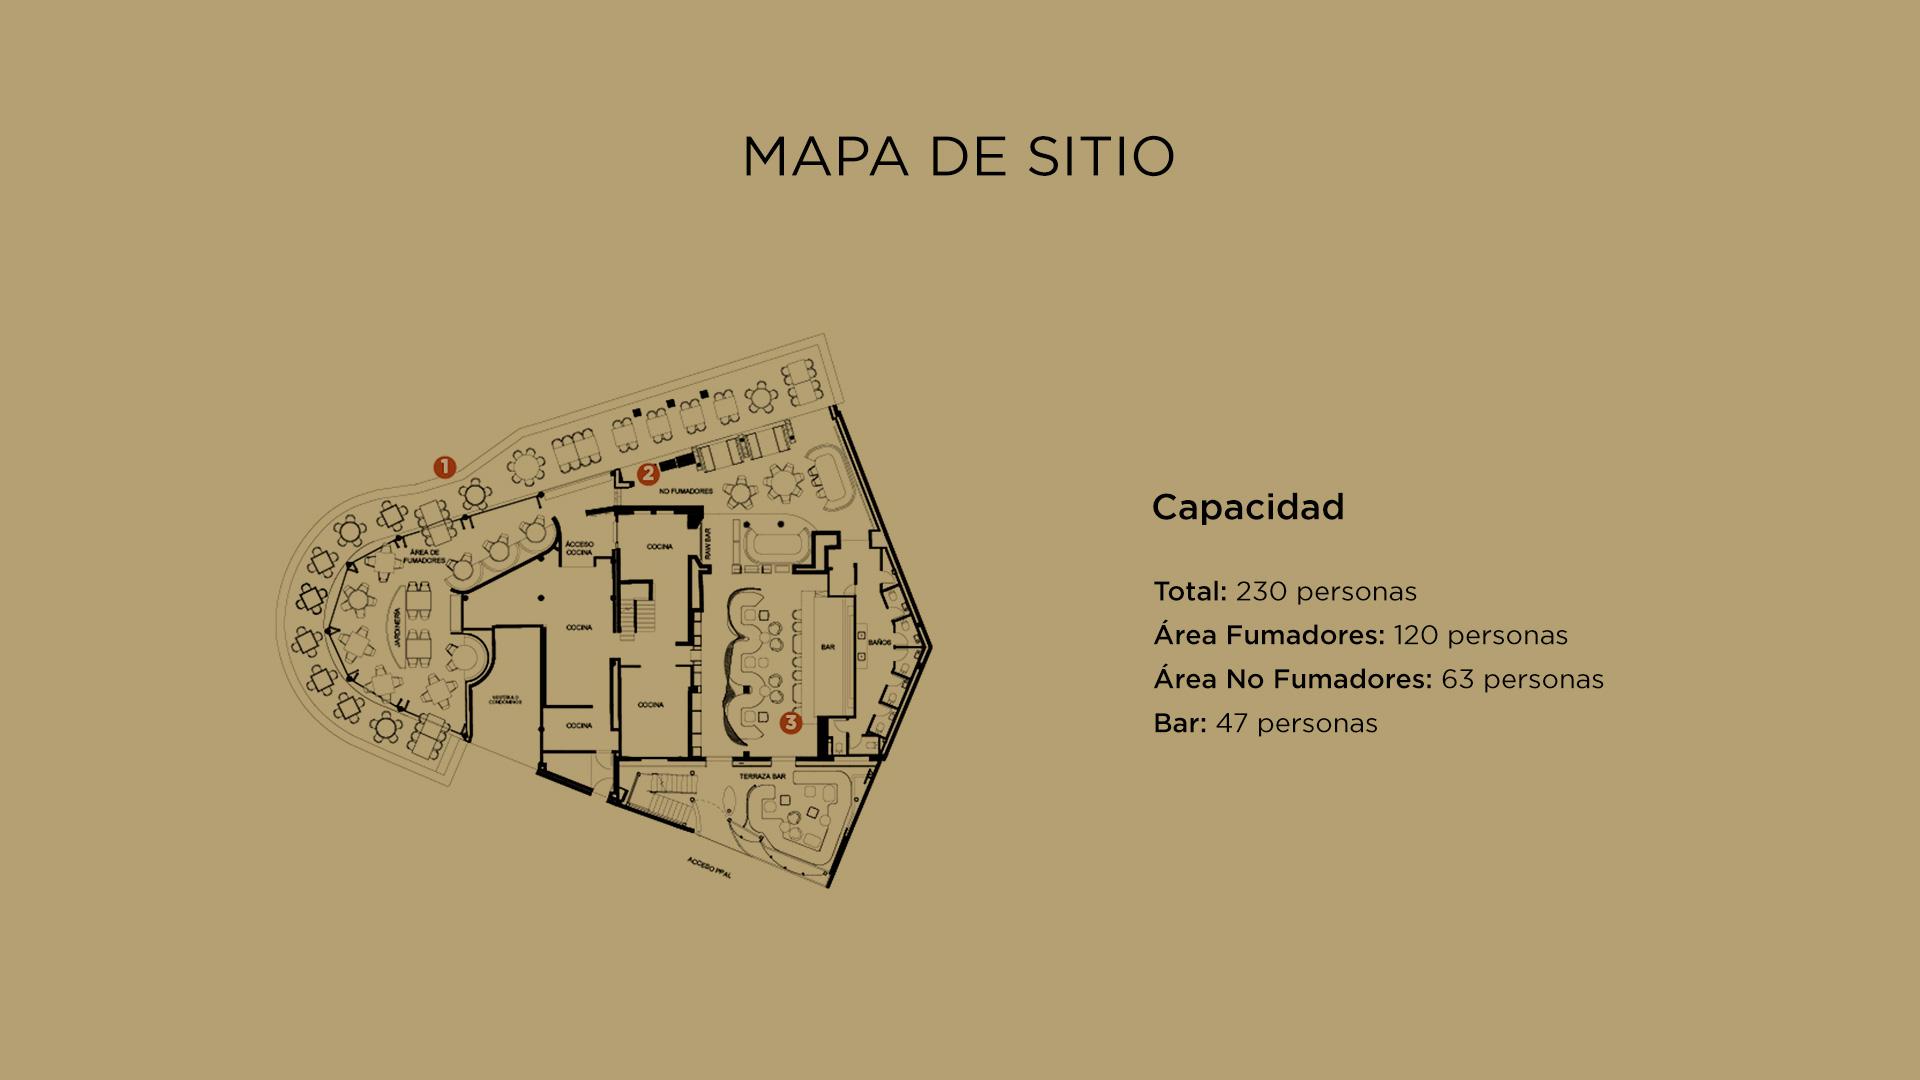 Harrys Mapa 1920x1080 Masaryk